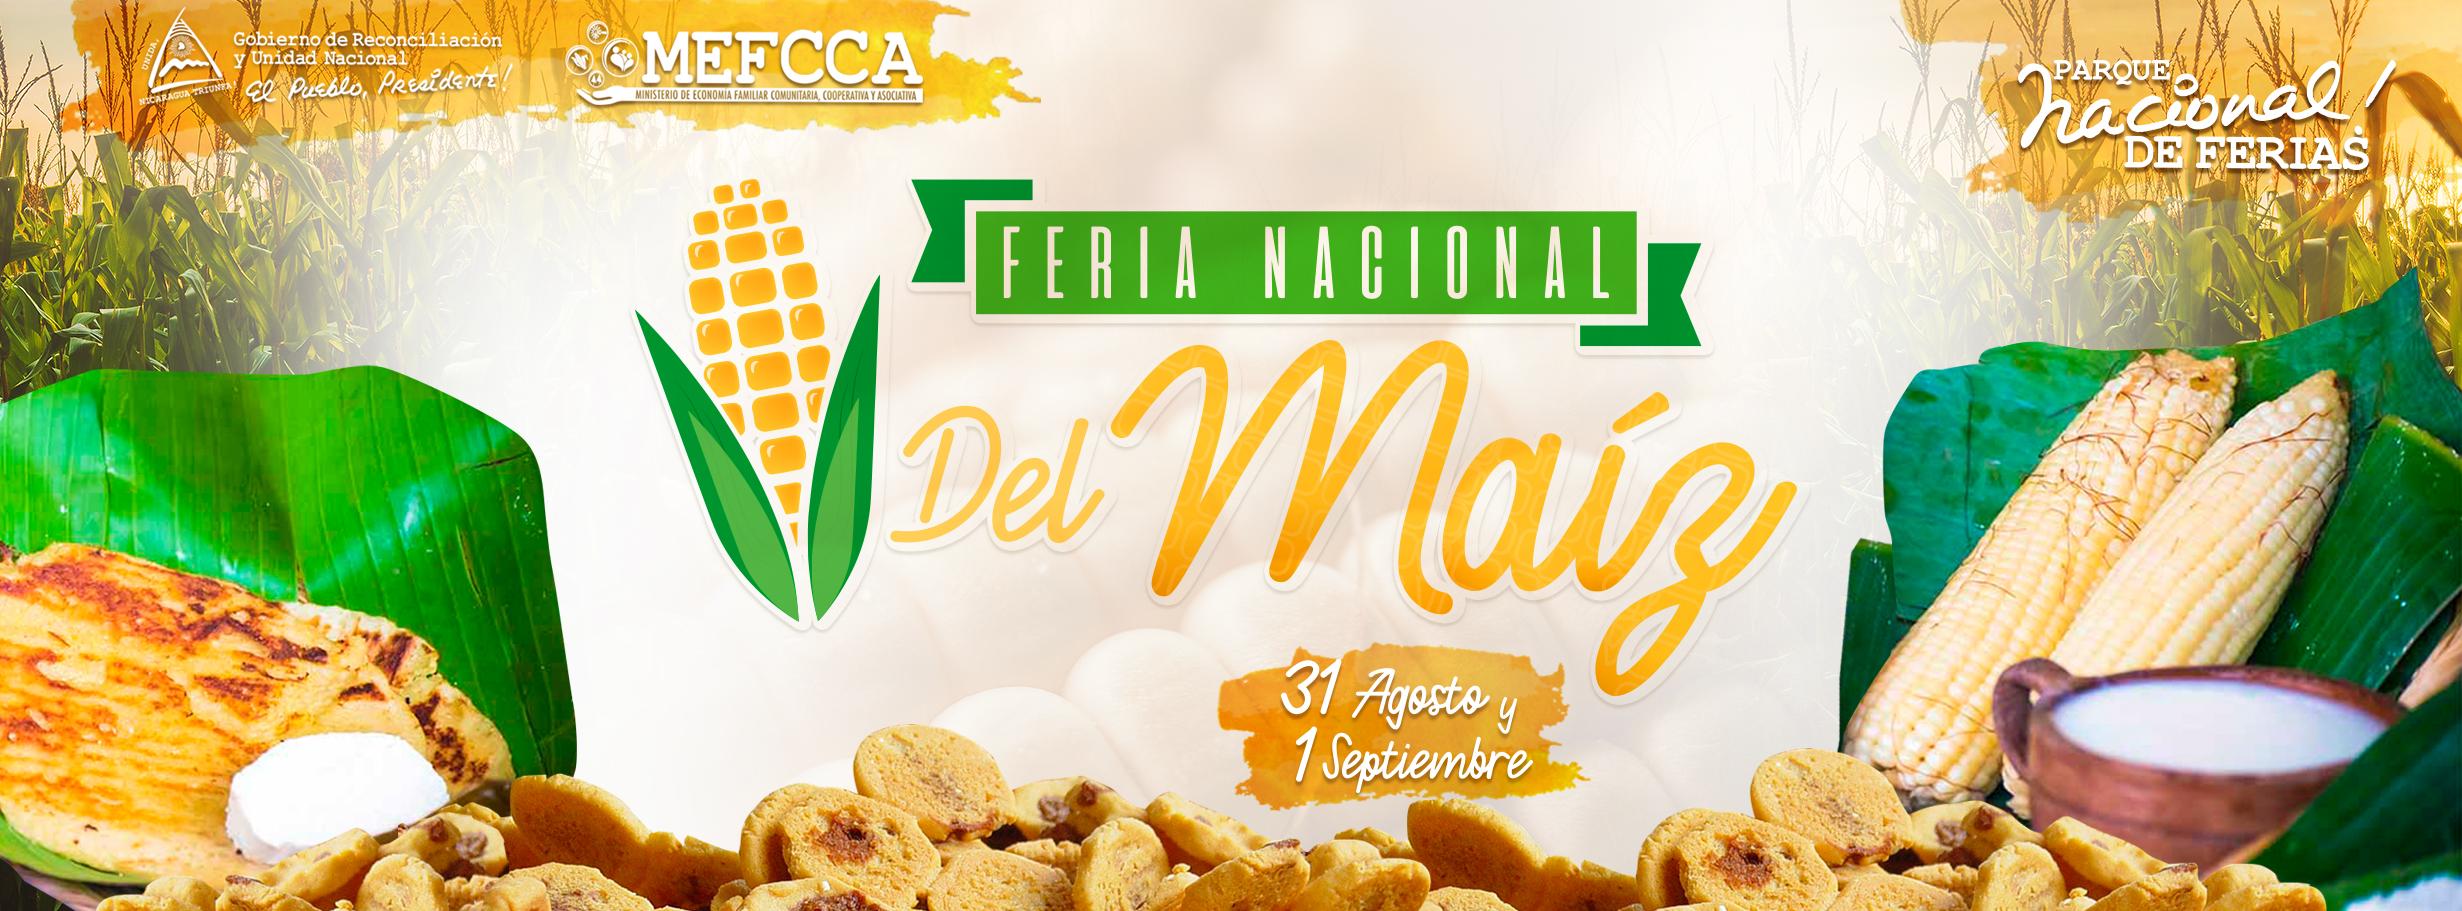 FERIA NACIONAL DEL MAÍZ